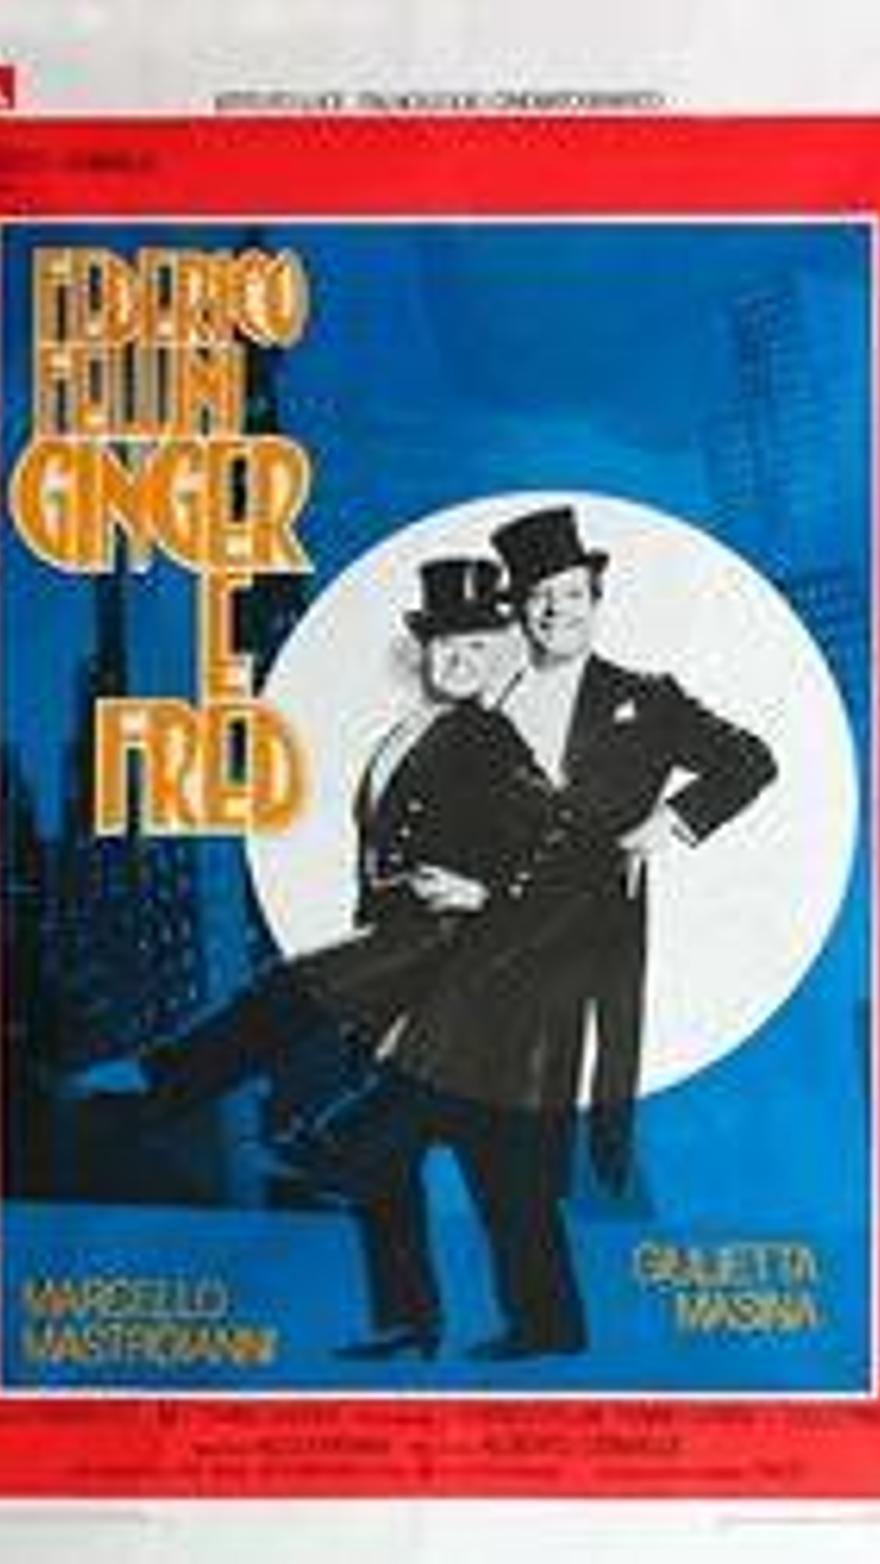 Ginger i Fred